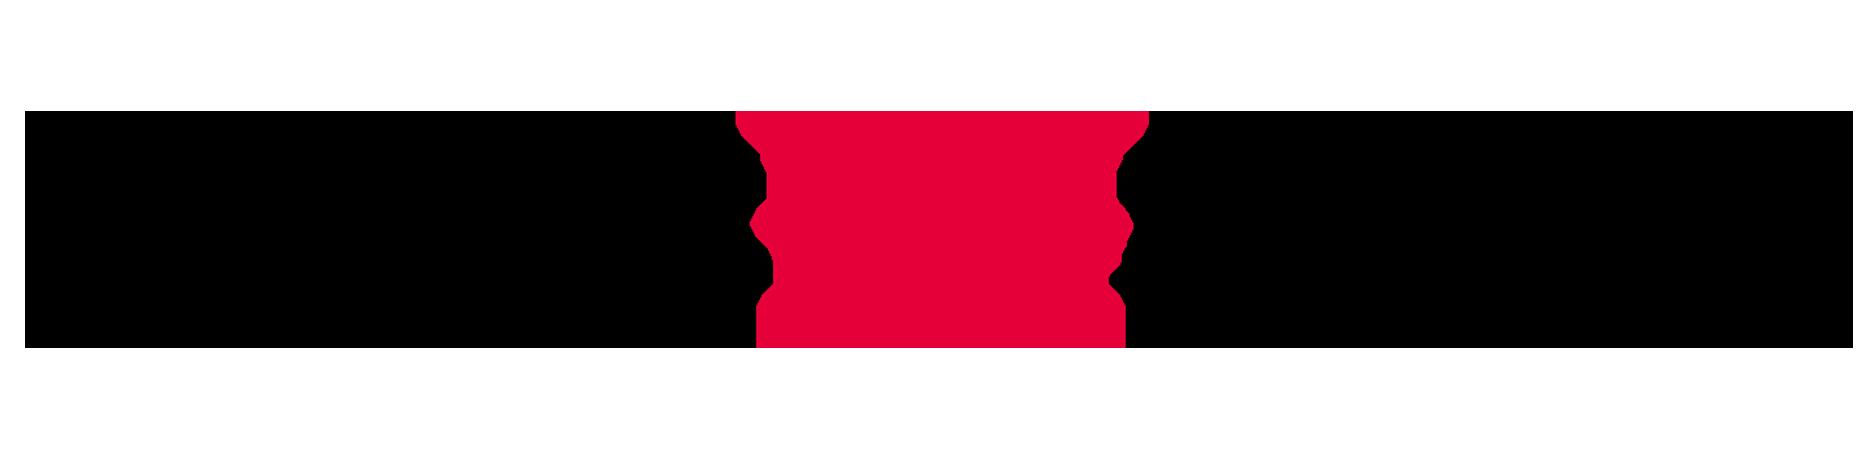 深圳市大盘珠宝首饰有限责任公司